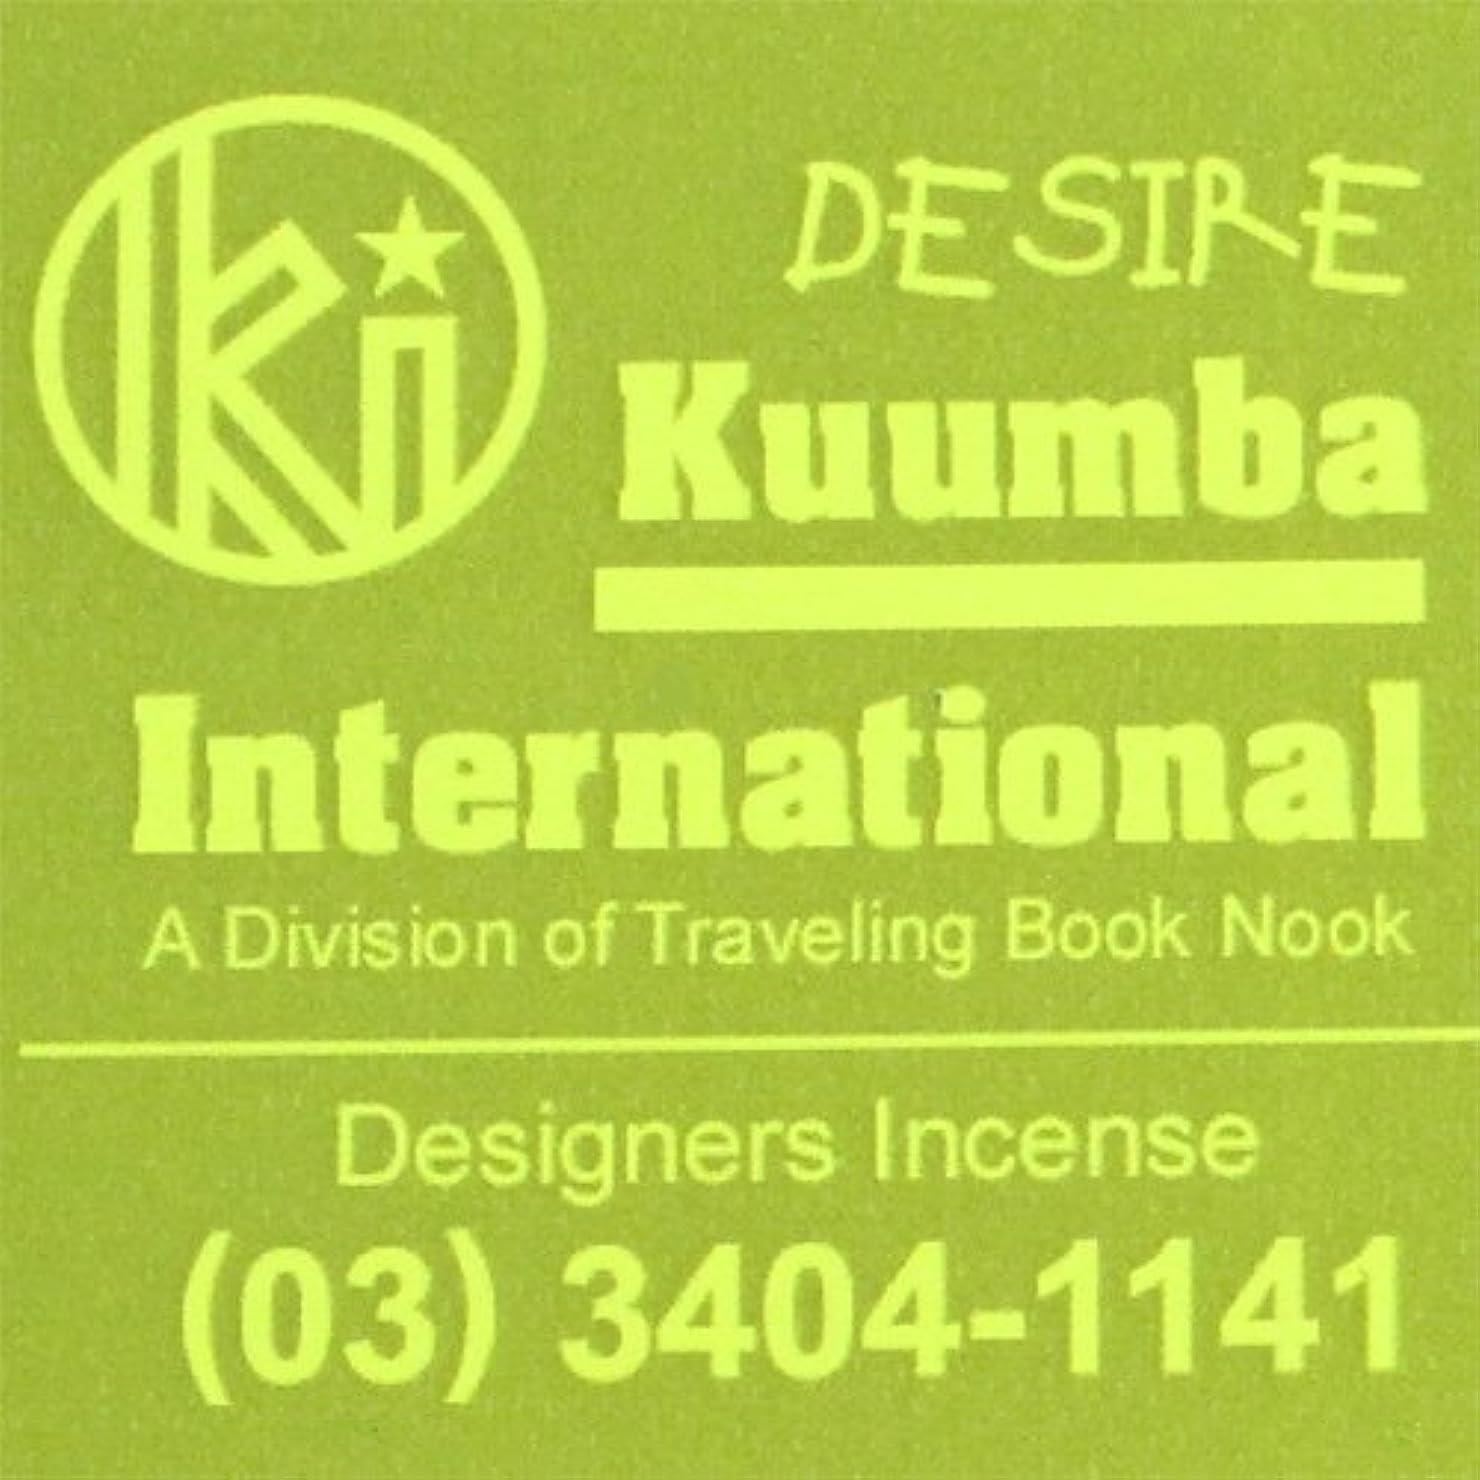 クリーム良心潜む(クンバ) KUUMBA『classic regular incense』(DESIRE) (Regular size)